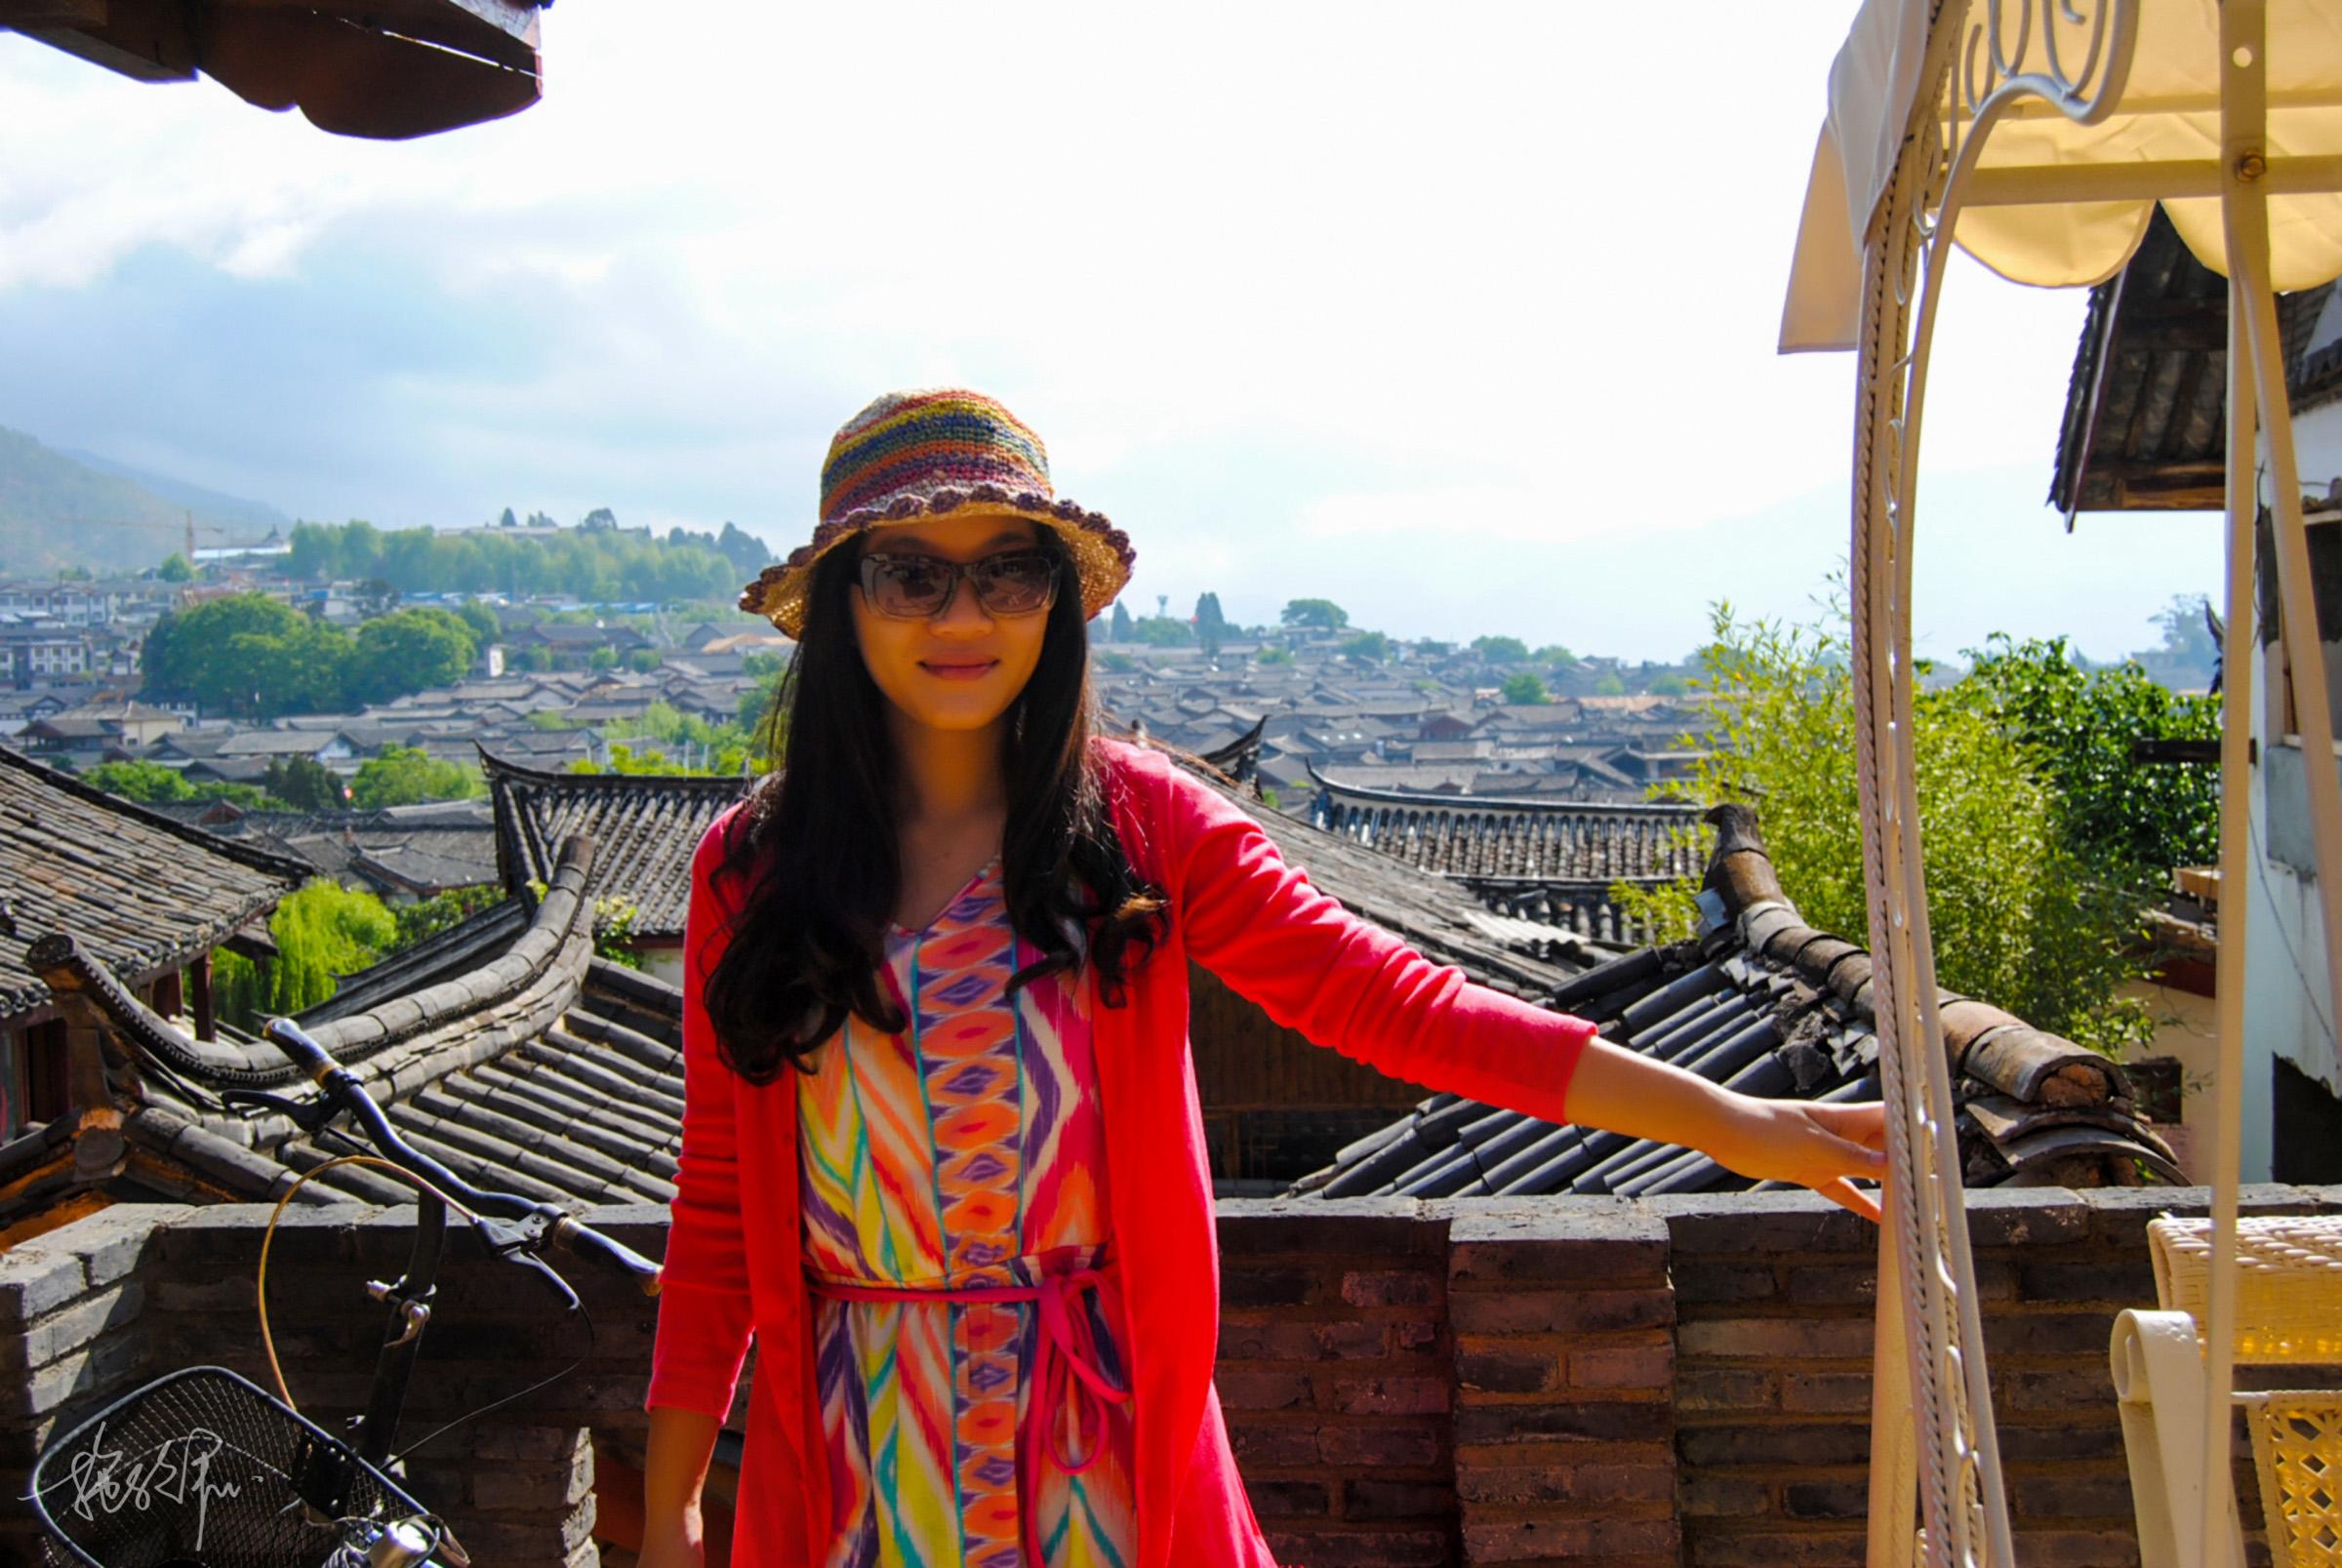 大理麗江:這裡的空氣有點稀薄,人們過著烏托邦的生活